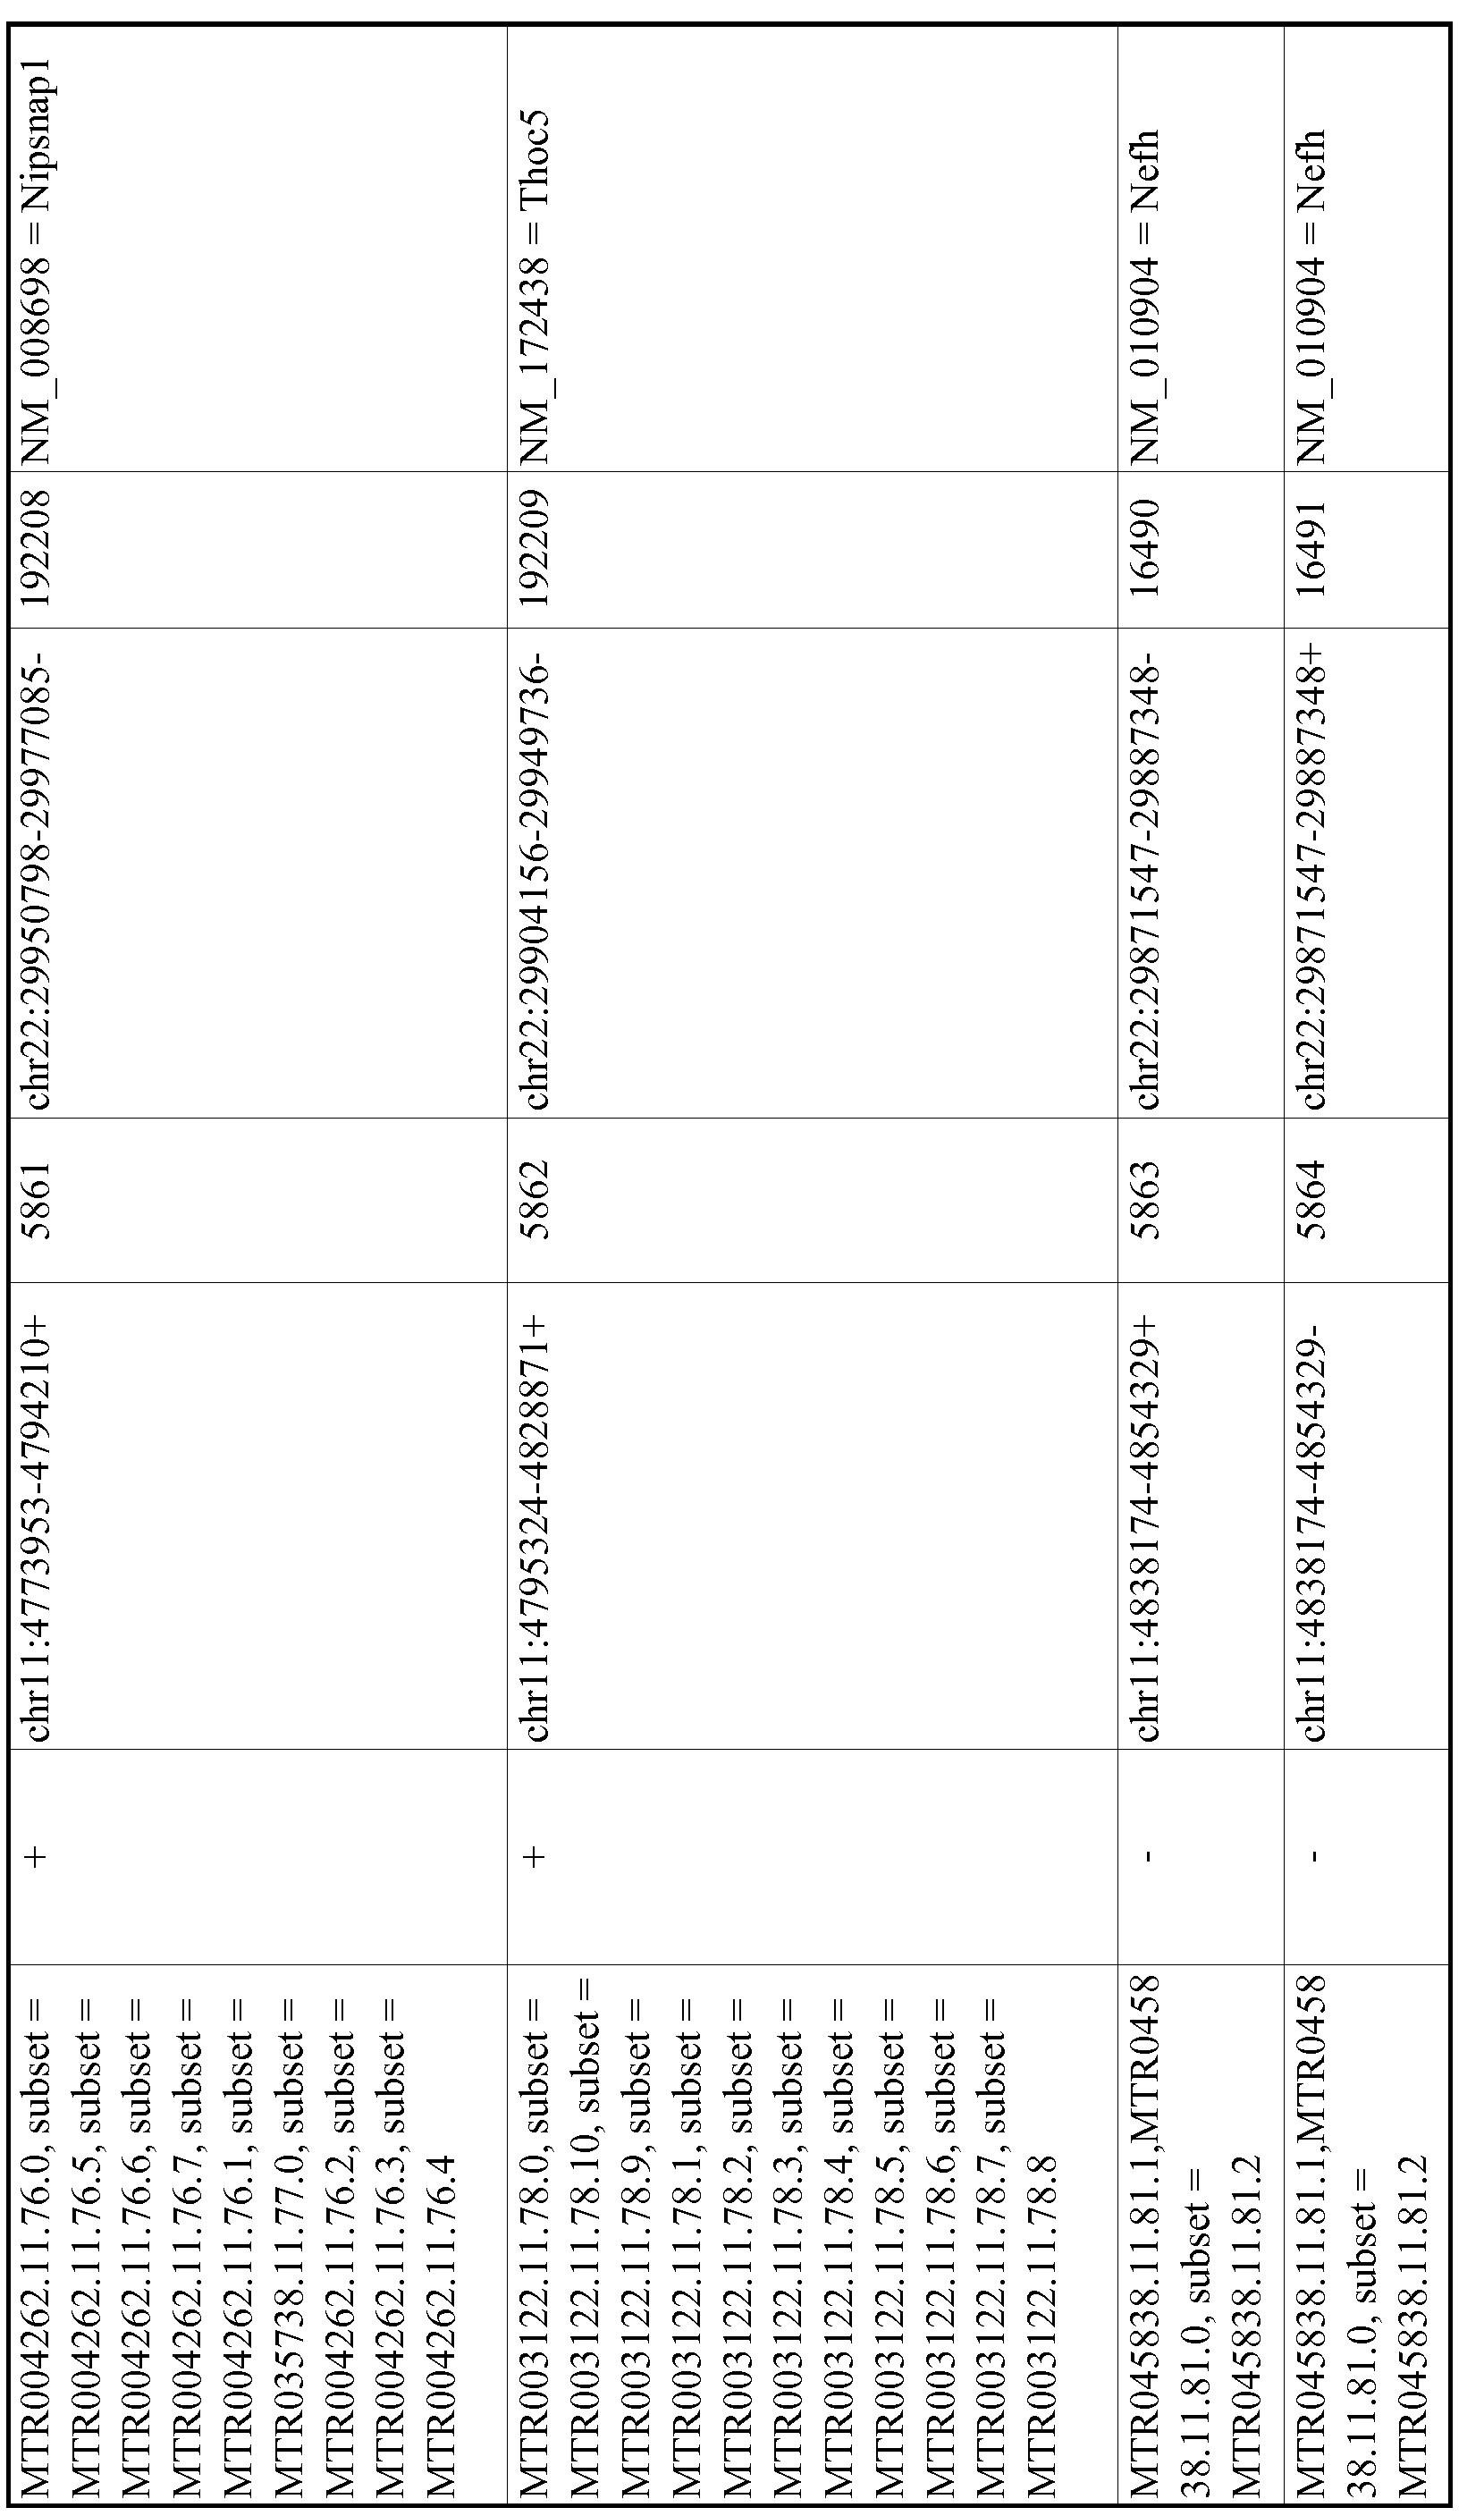 Figure imgf001058_0001